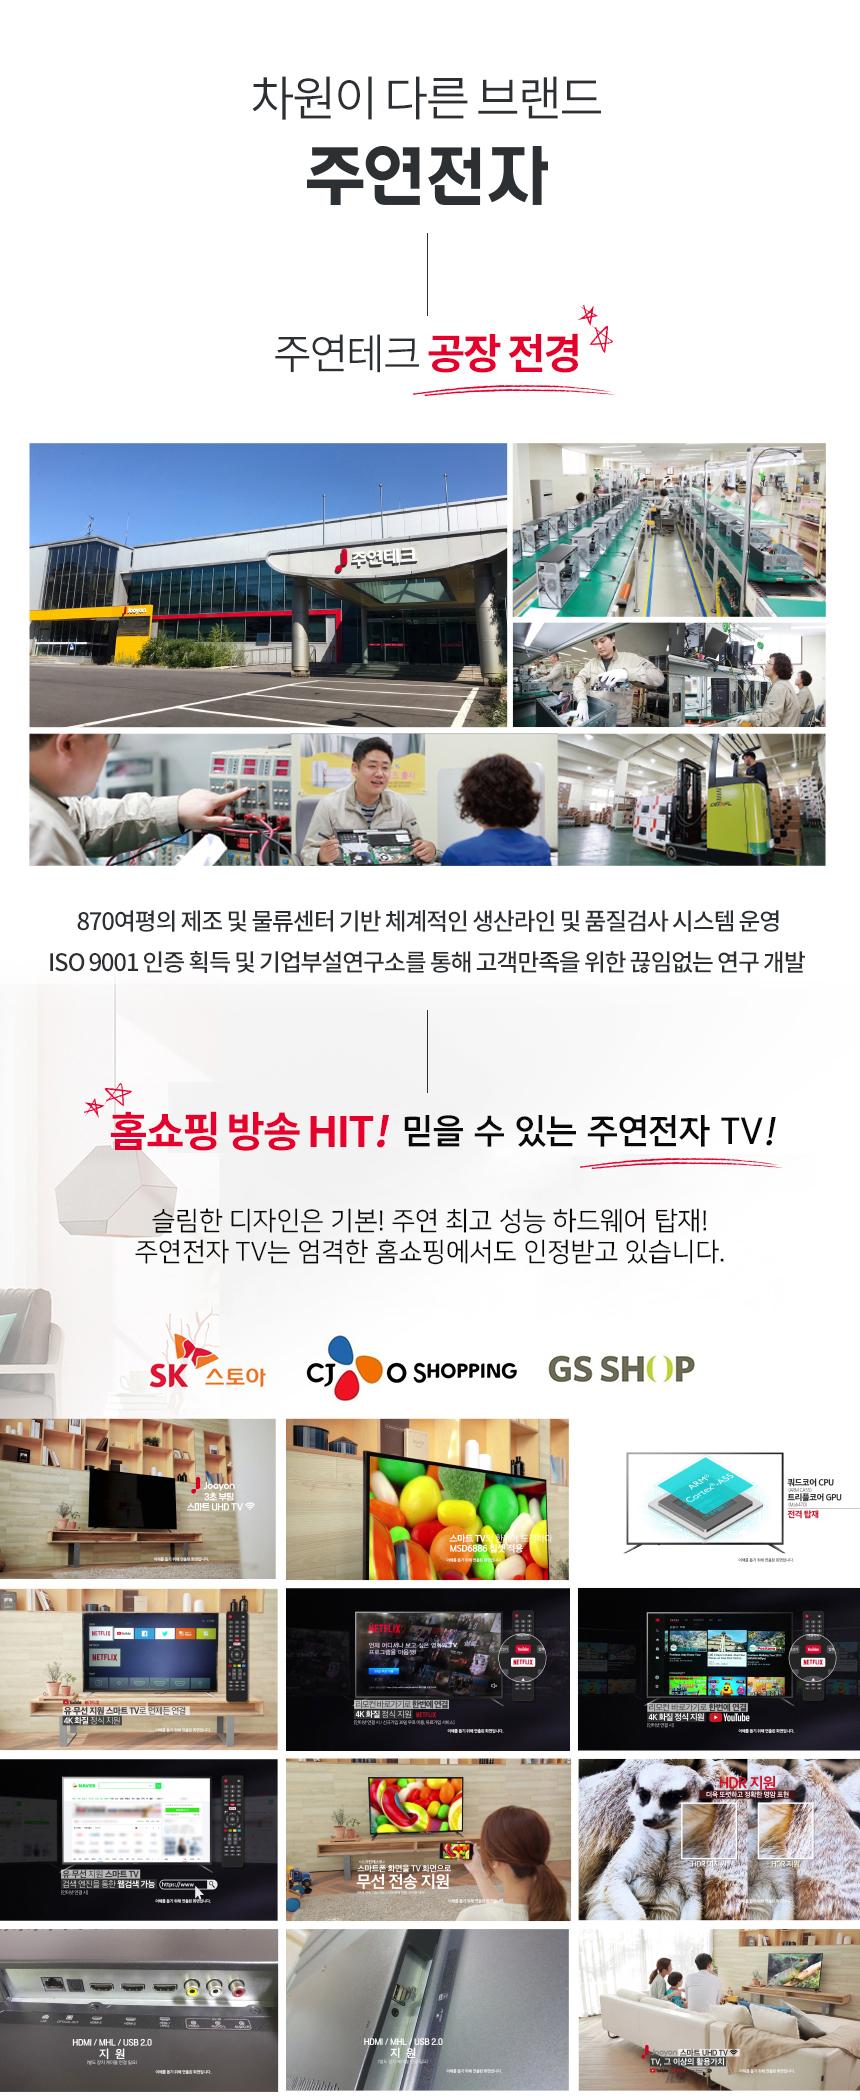 주연전자 75인치 무결점 HDR넷플렉스 LG패널_H7500SN1,690,000원-다온비지니스생활/가전, 생활가전, TV, 스탠드바보사랑주연전자 75인치 무결점 HDR넷플렉스 LG패널_H7500SN1,690,000원-다온비지니스생활/가전, 생활가전, TV, 스탠드바보사랑